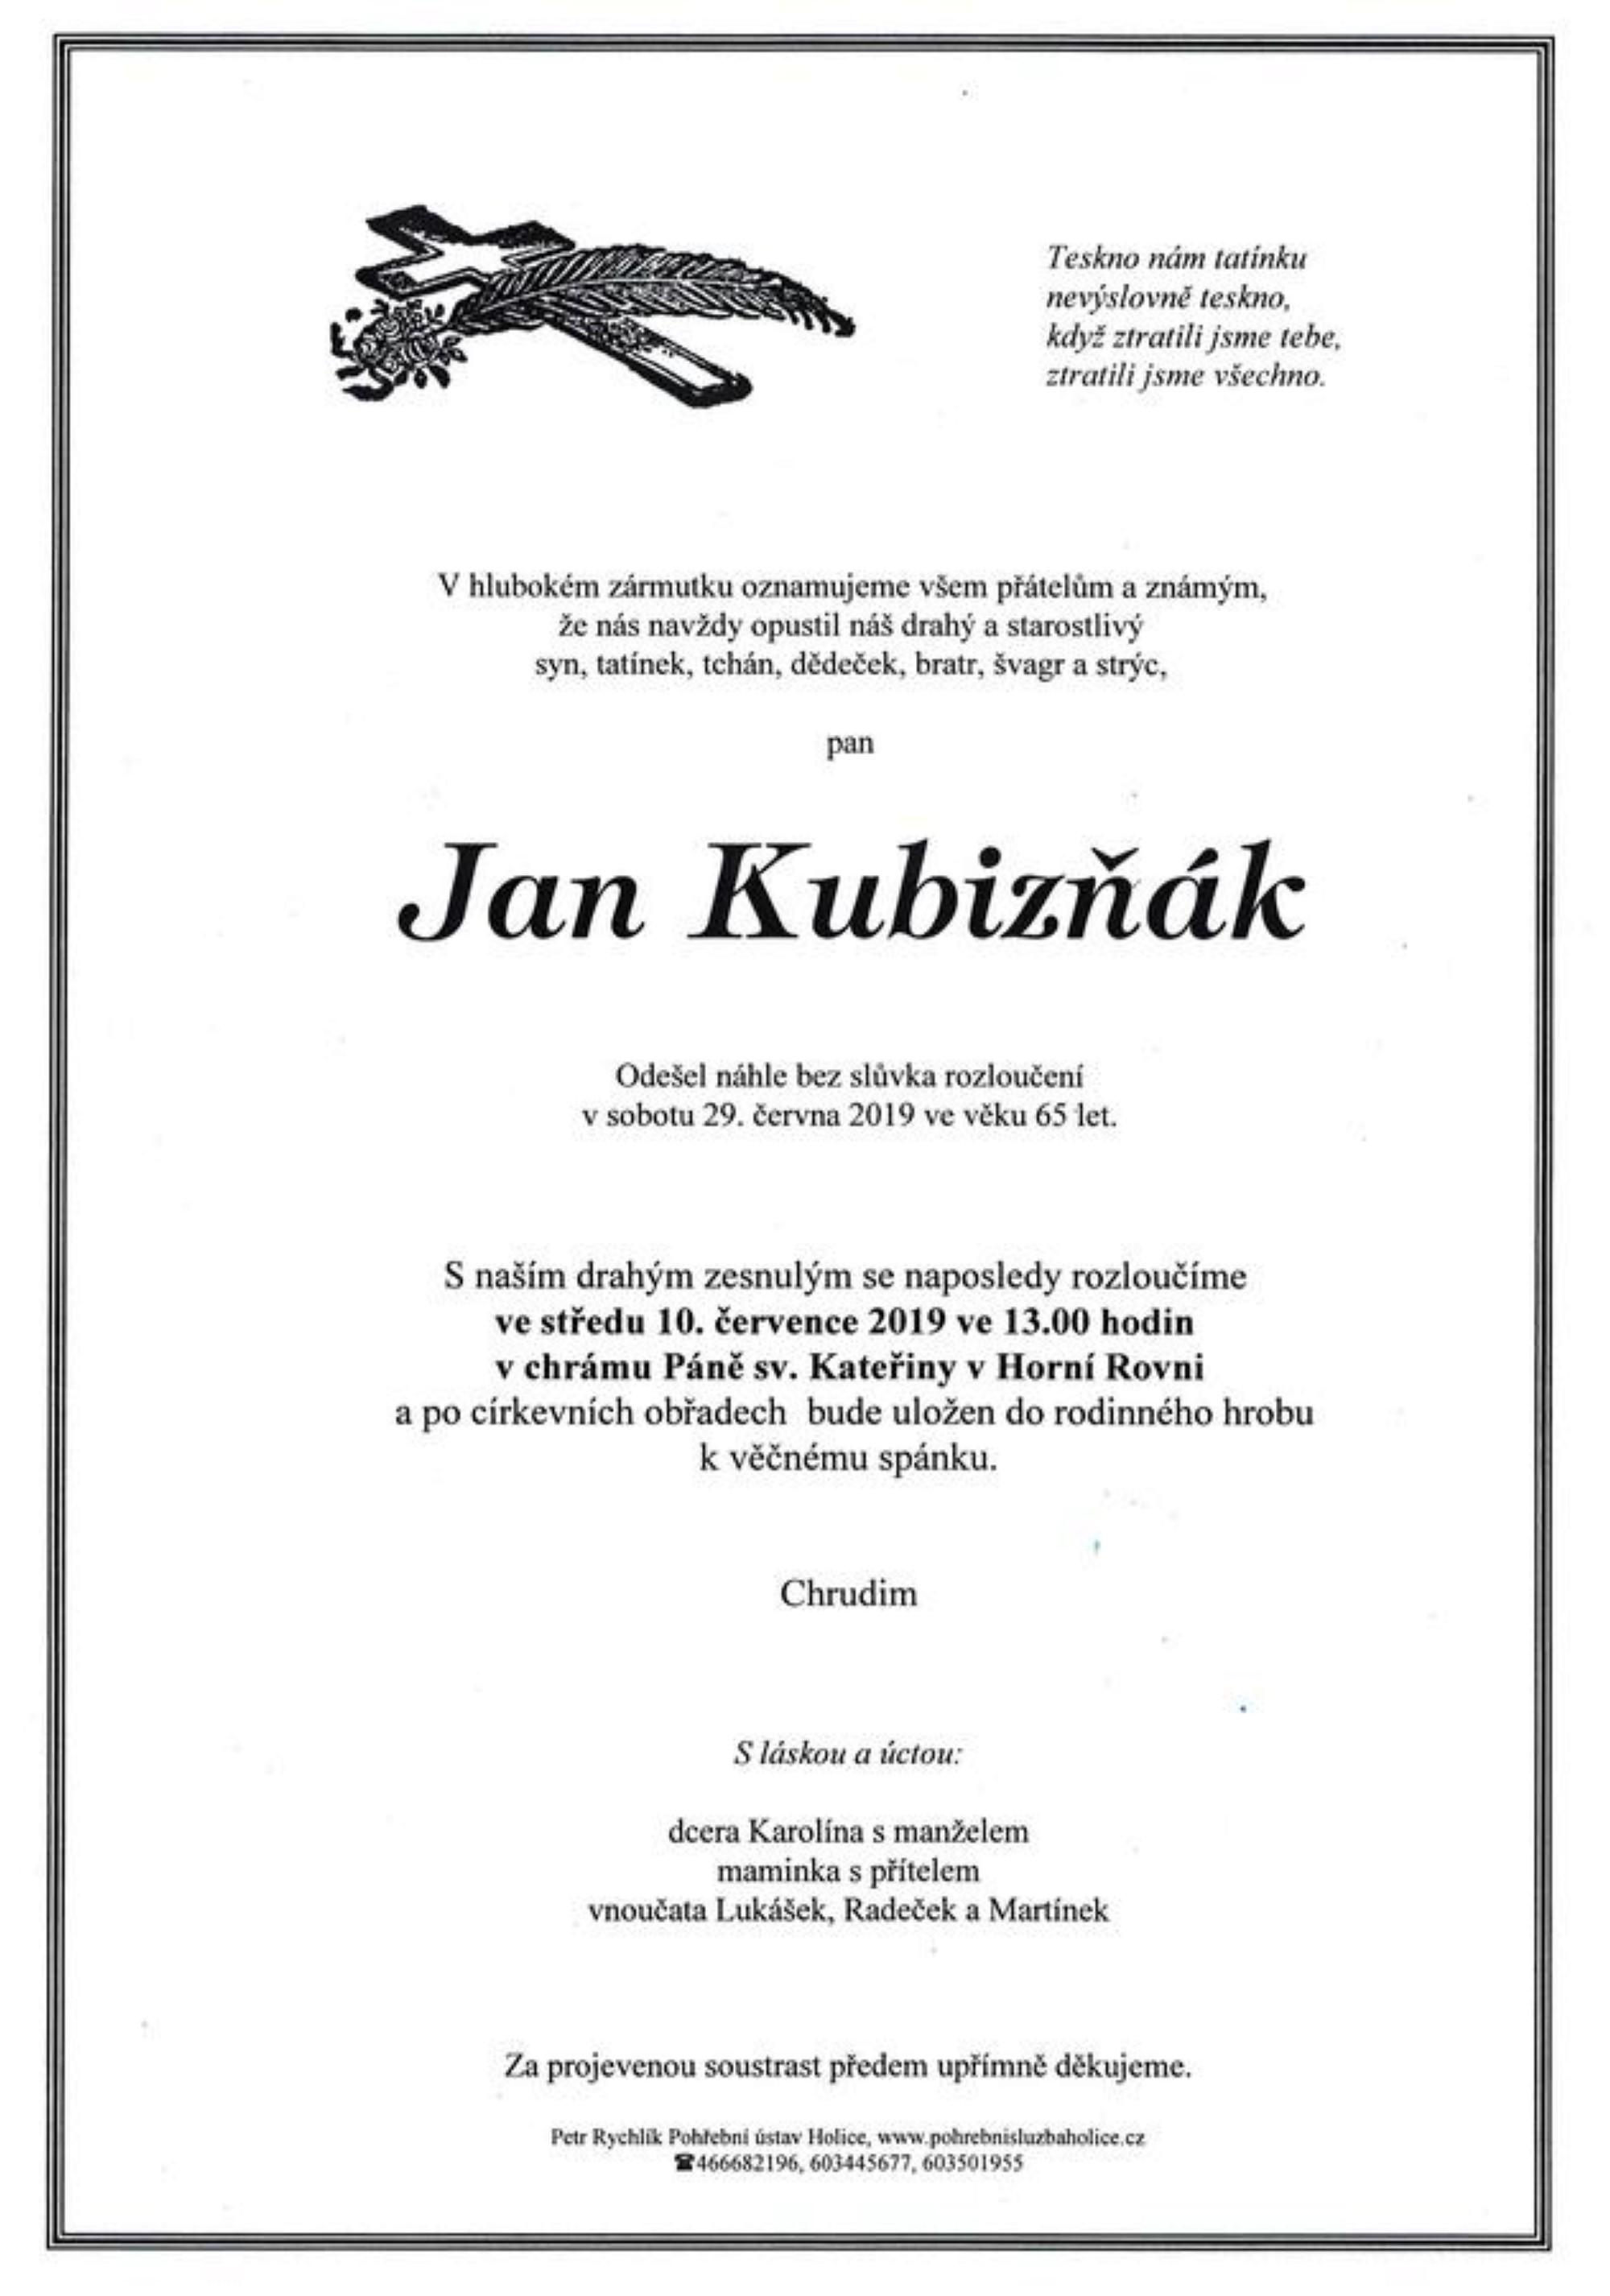 Jan Kubizňák